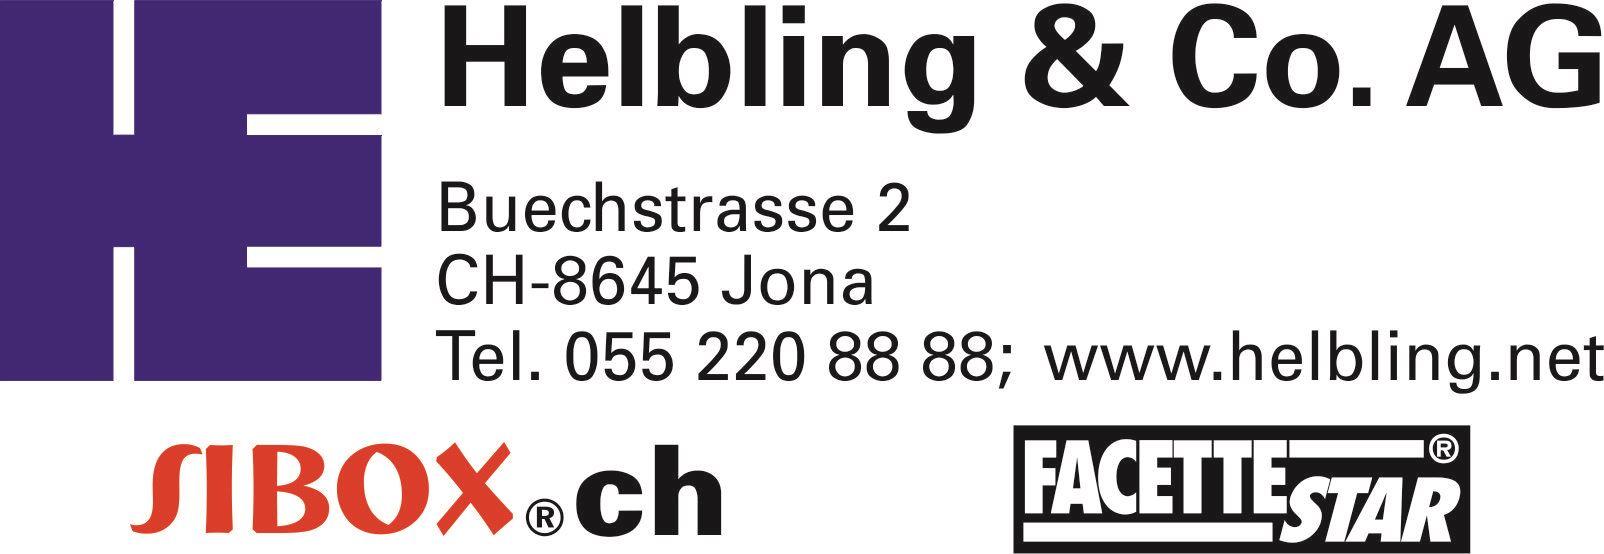 Helbling & Co. AG